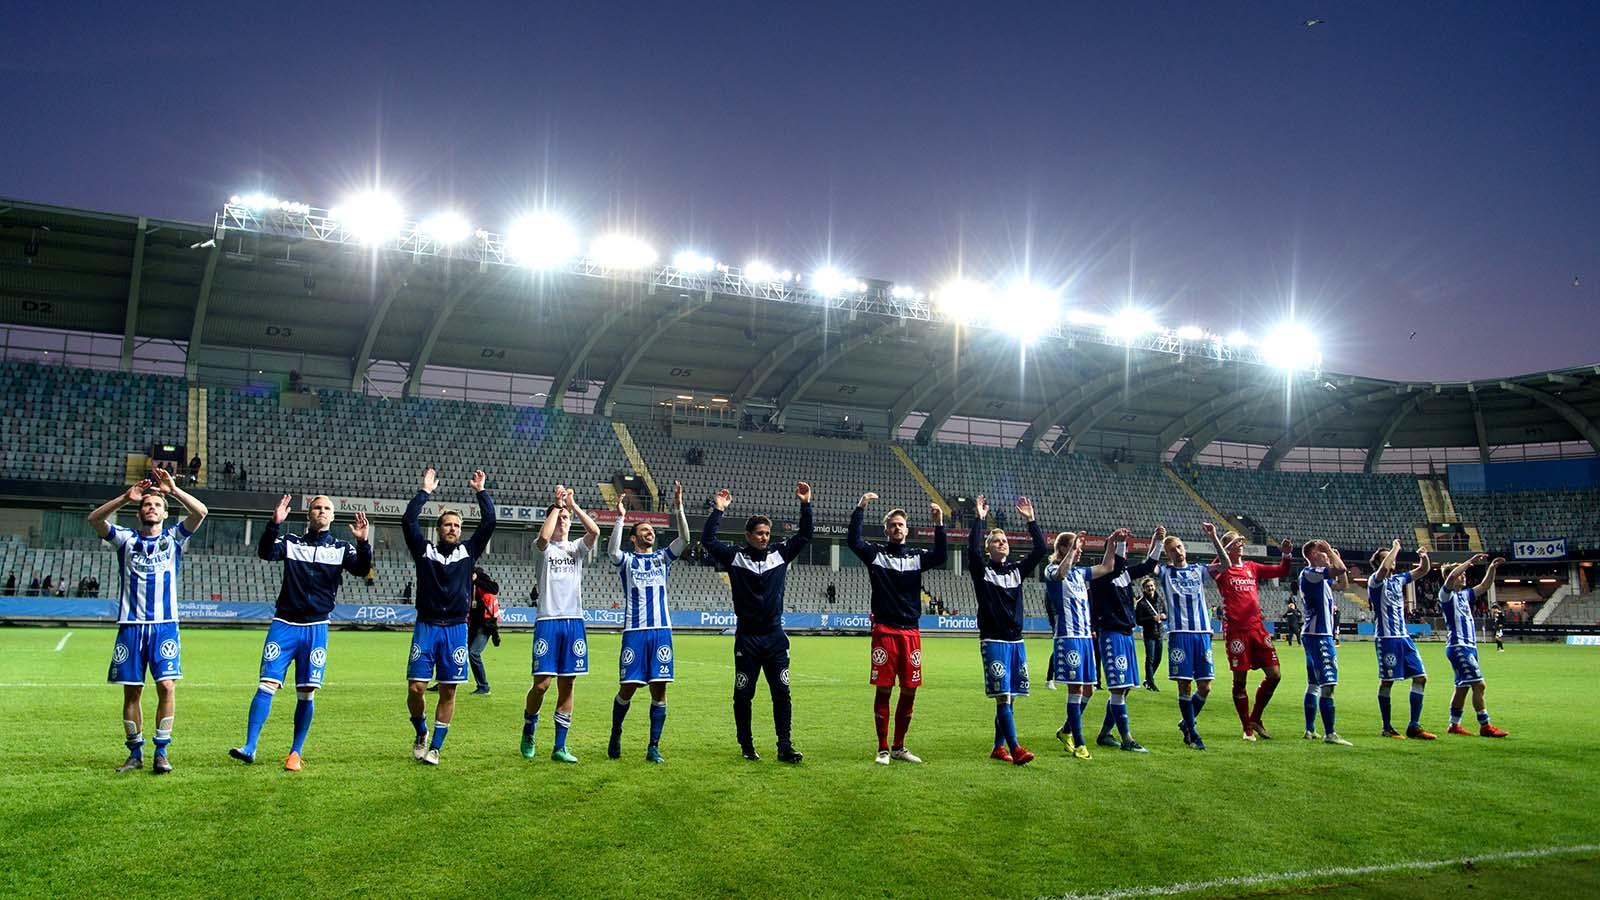 180419 IFK Göteborgs spelare tackar publiken efter fotbollsmatchen i Allsvenskan mellan IFK Göteborg och Dalkurd den 19 april 2018 i Göteborg. Foto: Carl Sandin / BILDBYRÅN / kod CS / 57999_340